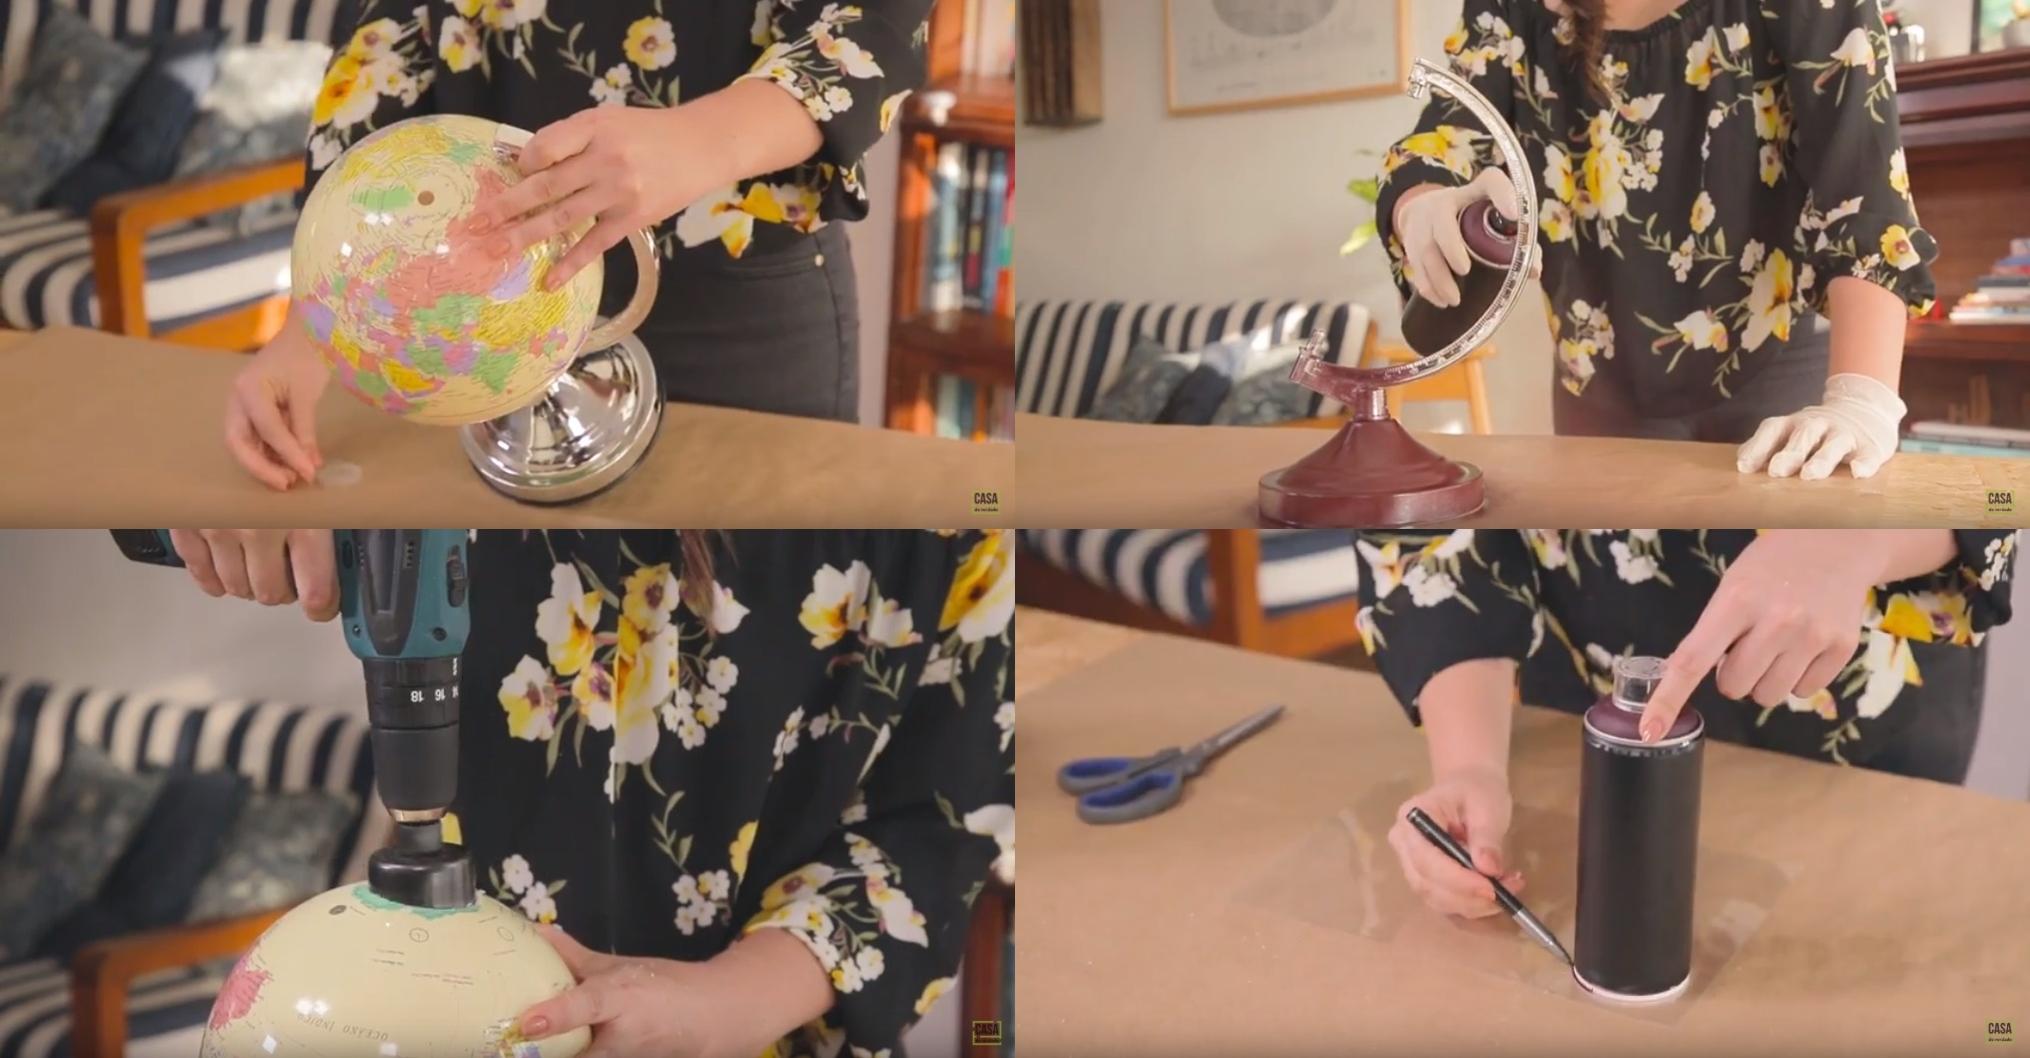 Desmontando o globo terrestre; pintando a haste do globo; furando o globo com uma serra copo; fazendo um molde com a tampinha em acetato